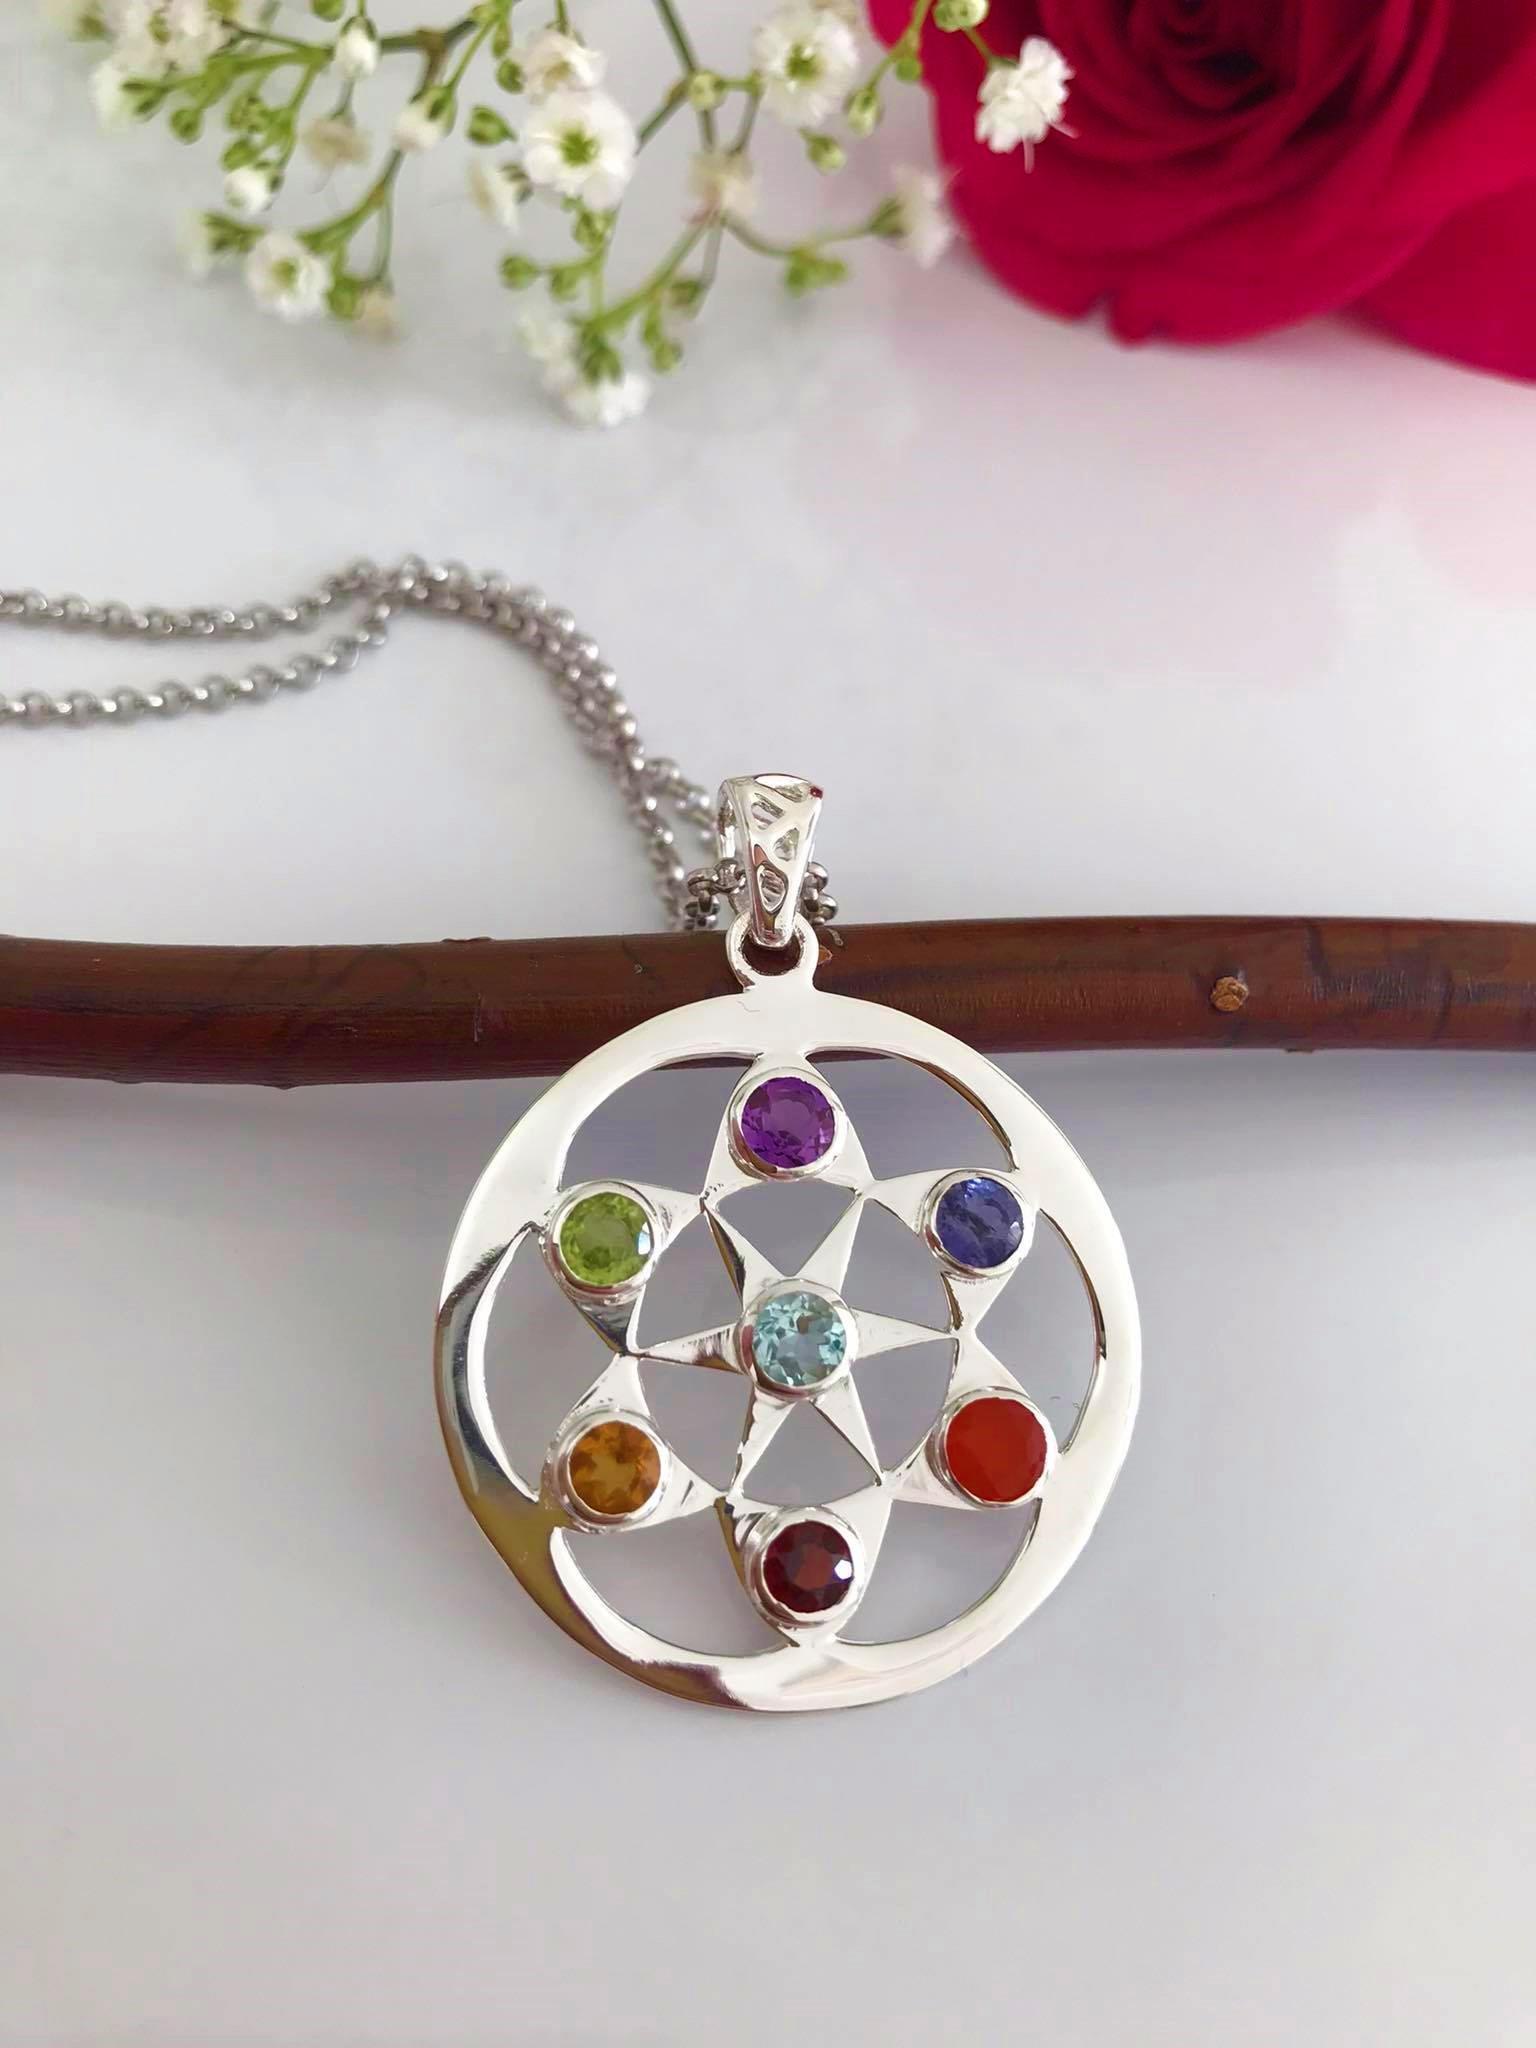 Star  Seven Chakra Silver Pendant & 18 Inch  Chain Image